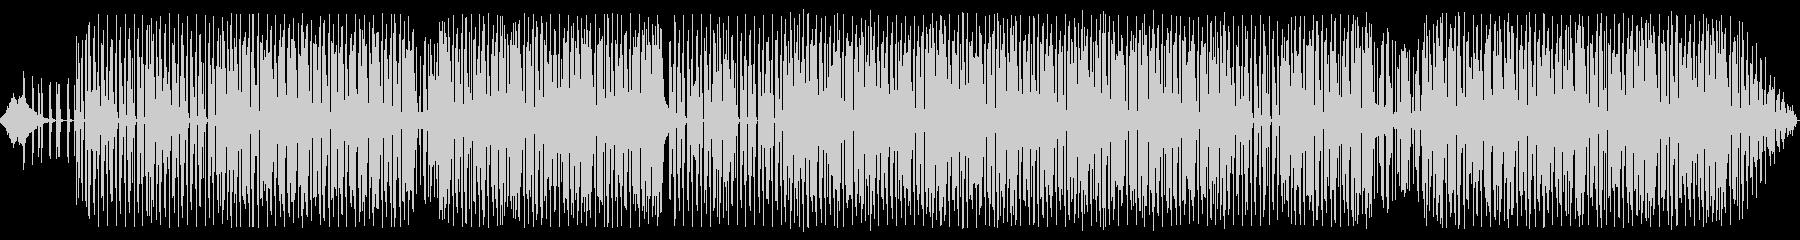 トラップ ヒップホップ エーテル ...の未再生の波形